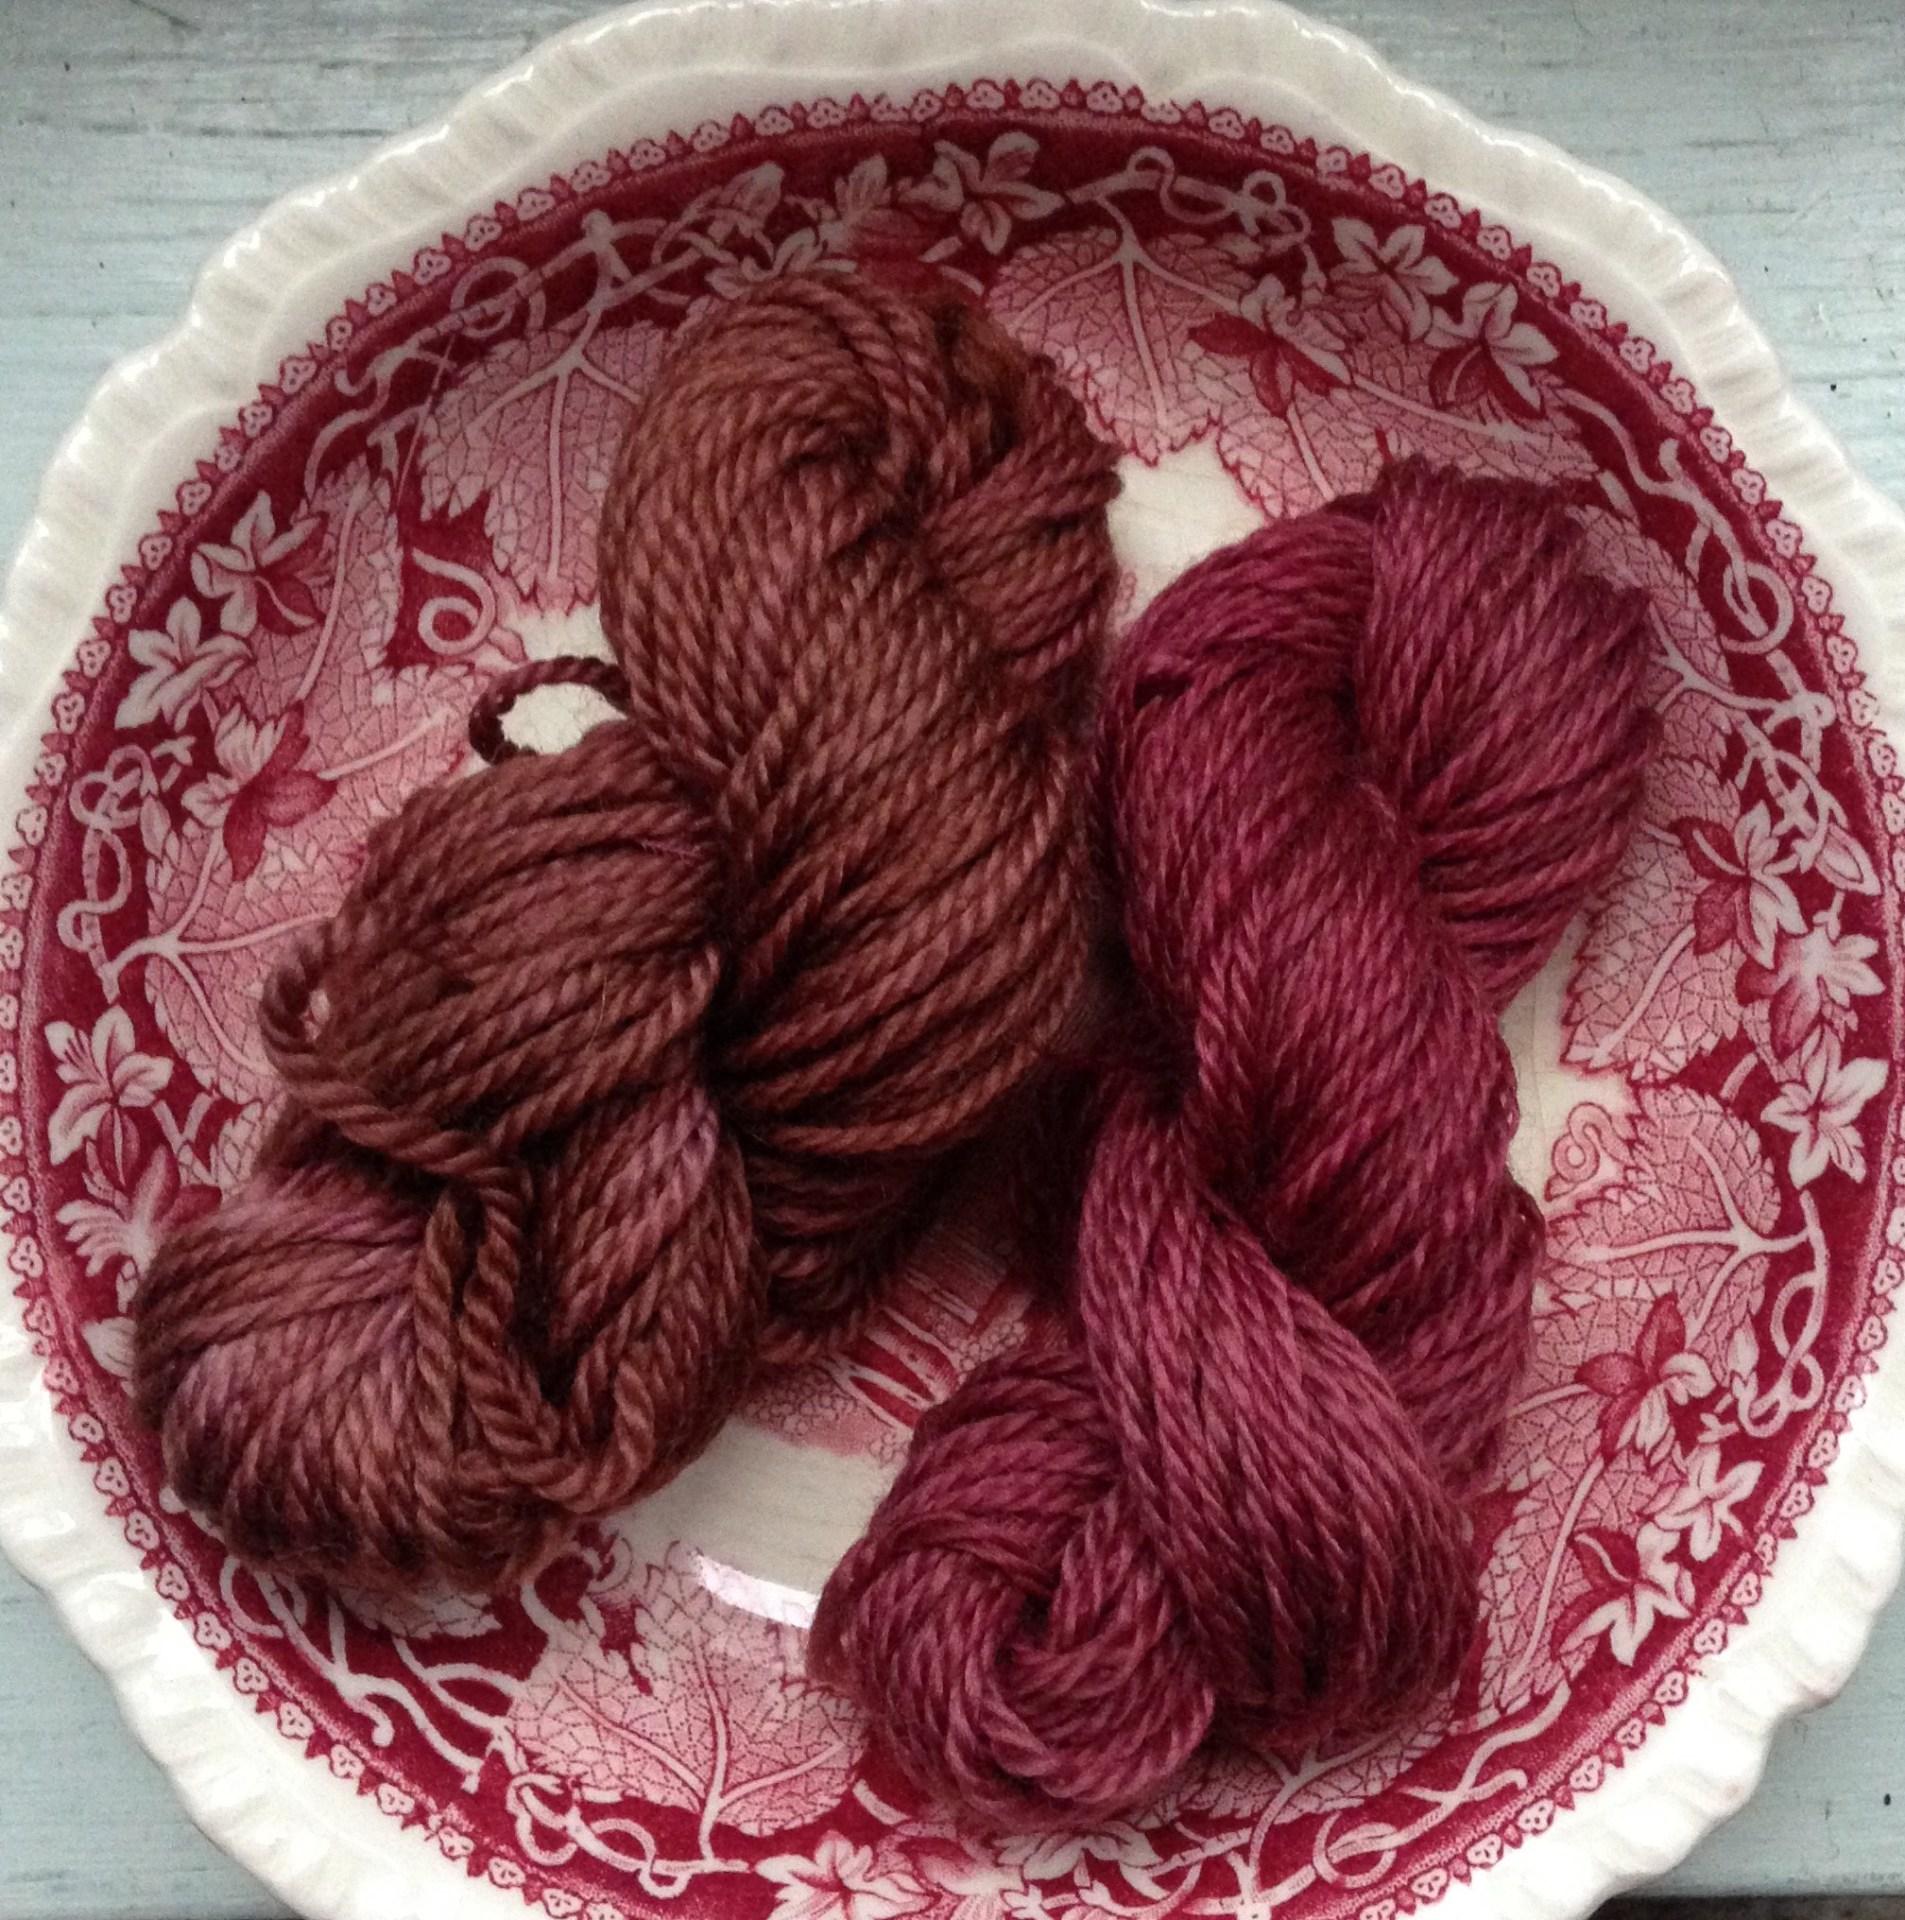 Hybiscus dye, part 3